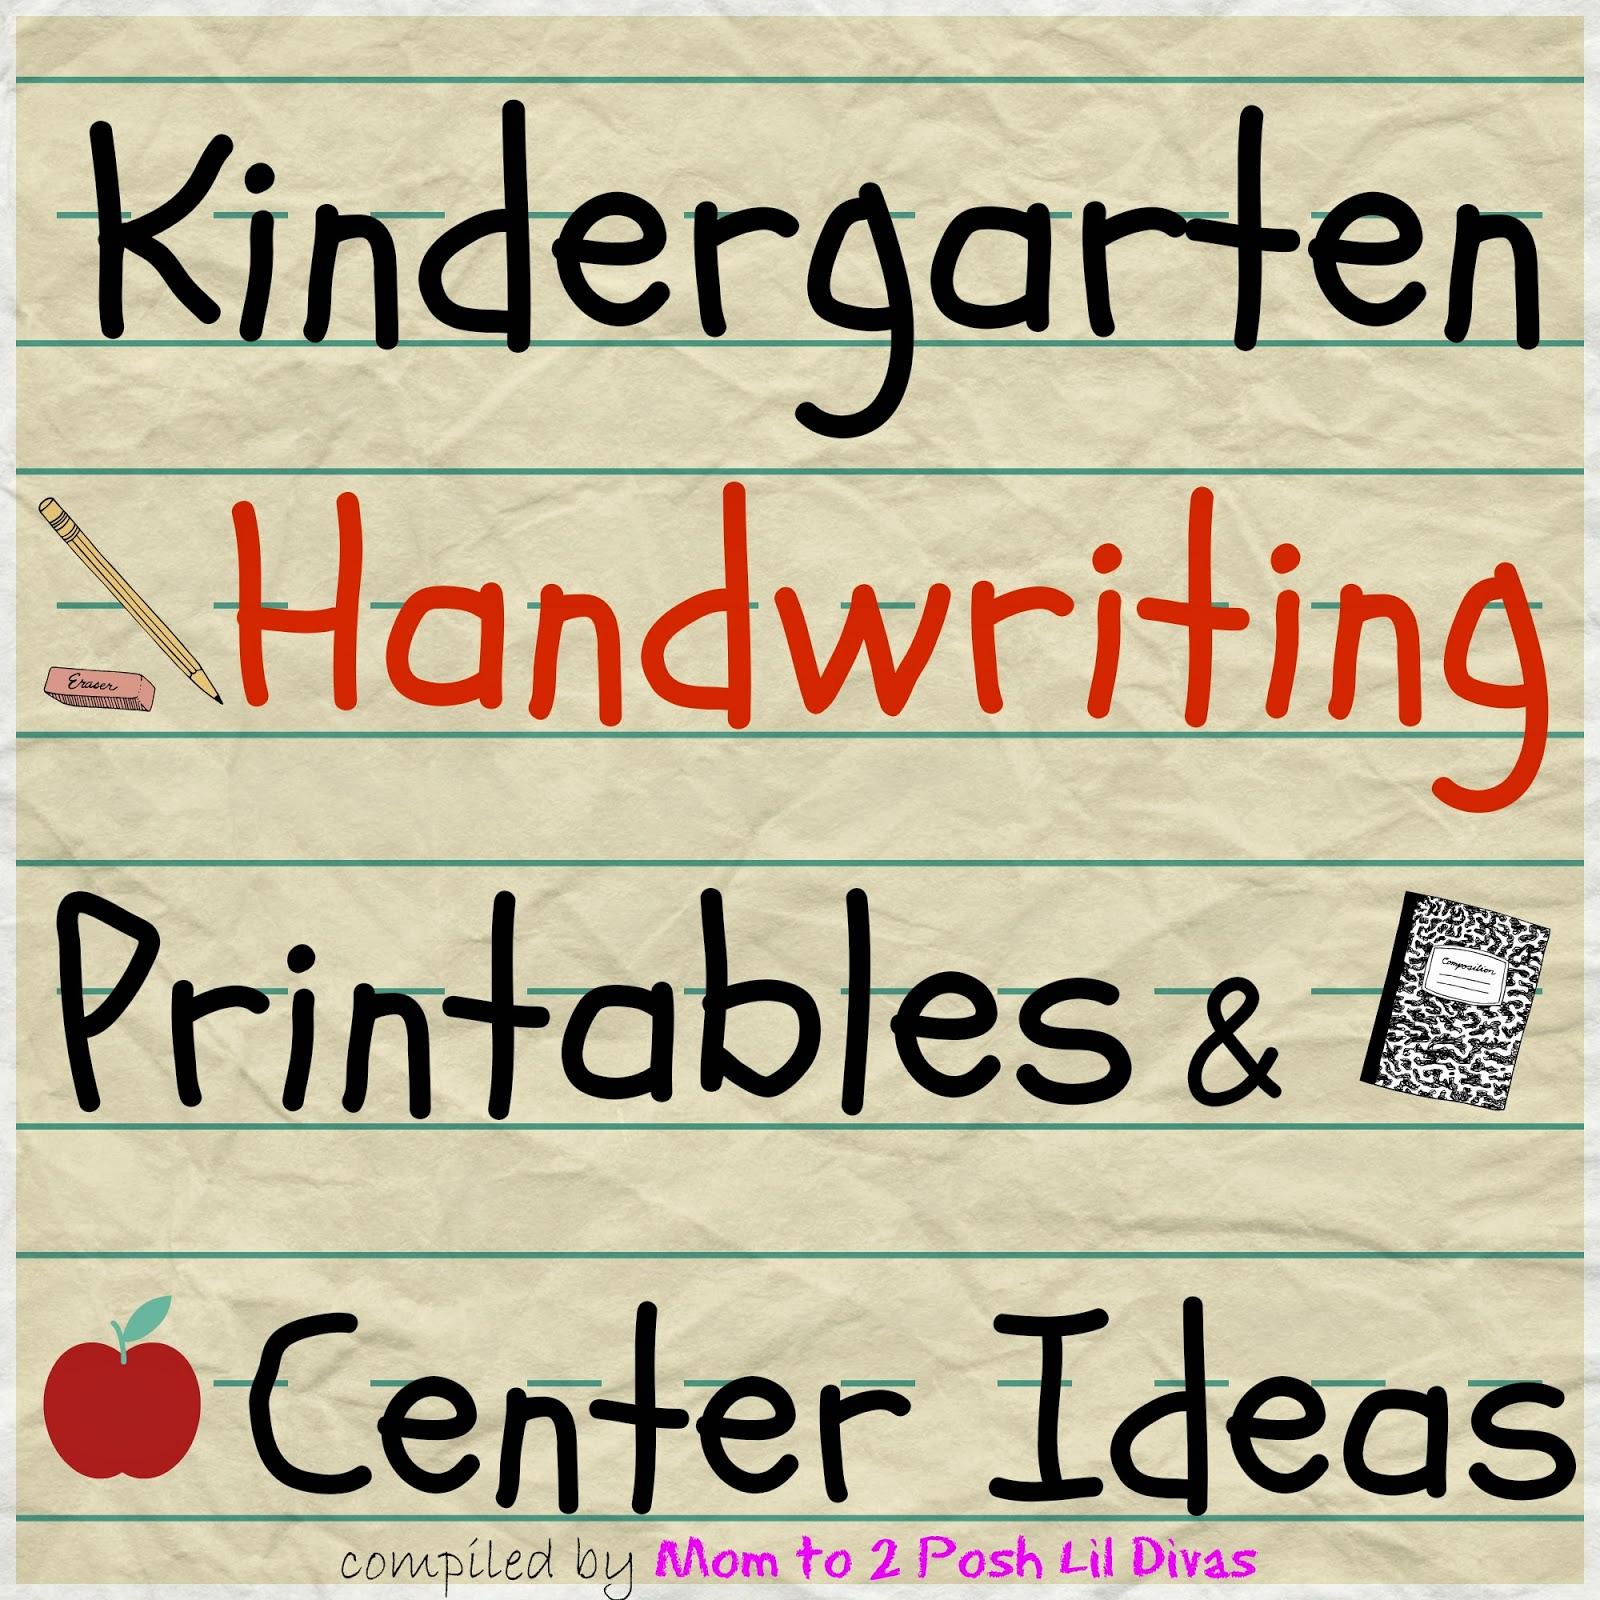 Worksheet Kindergarten Printing Practice mom to 2 posh lil divas kindergarten handwriting practice activities and centers